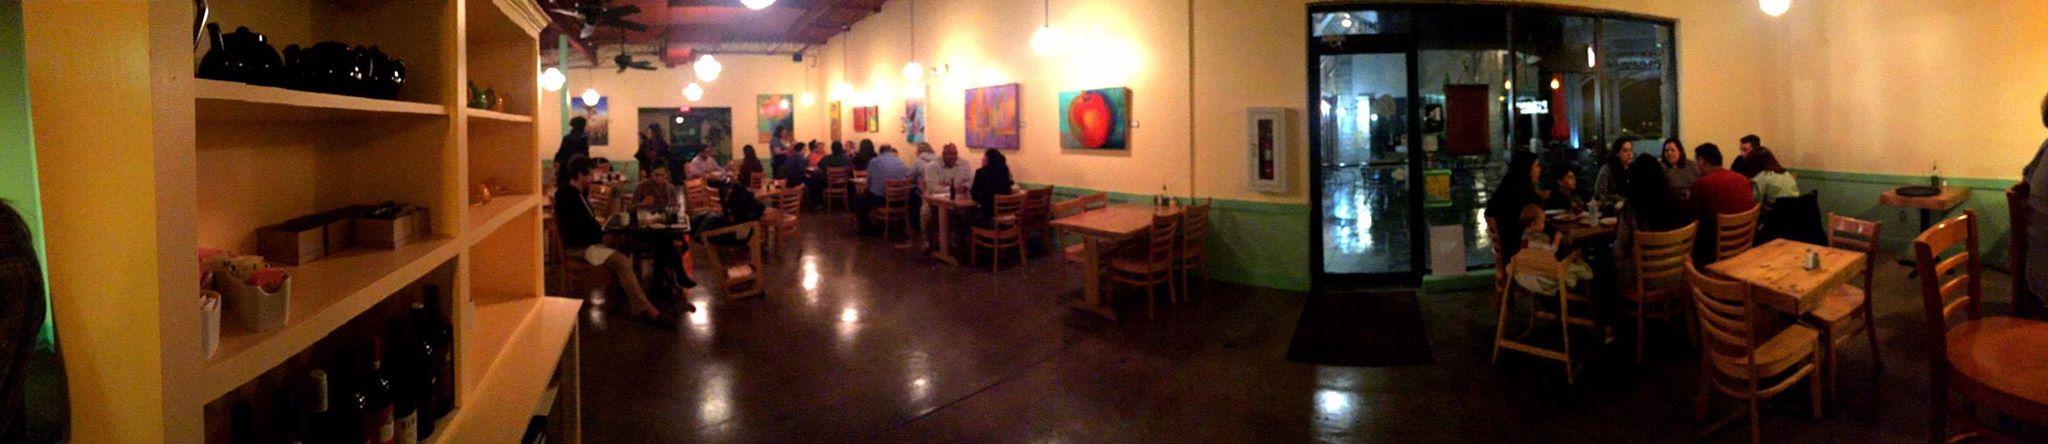 Bambinos on Battlefield Just Got Bigger - Restaurants in Springfield MO